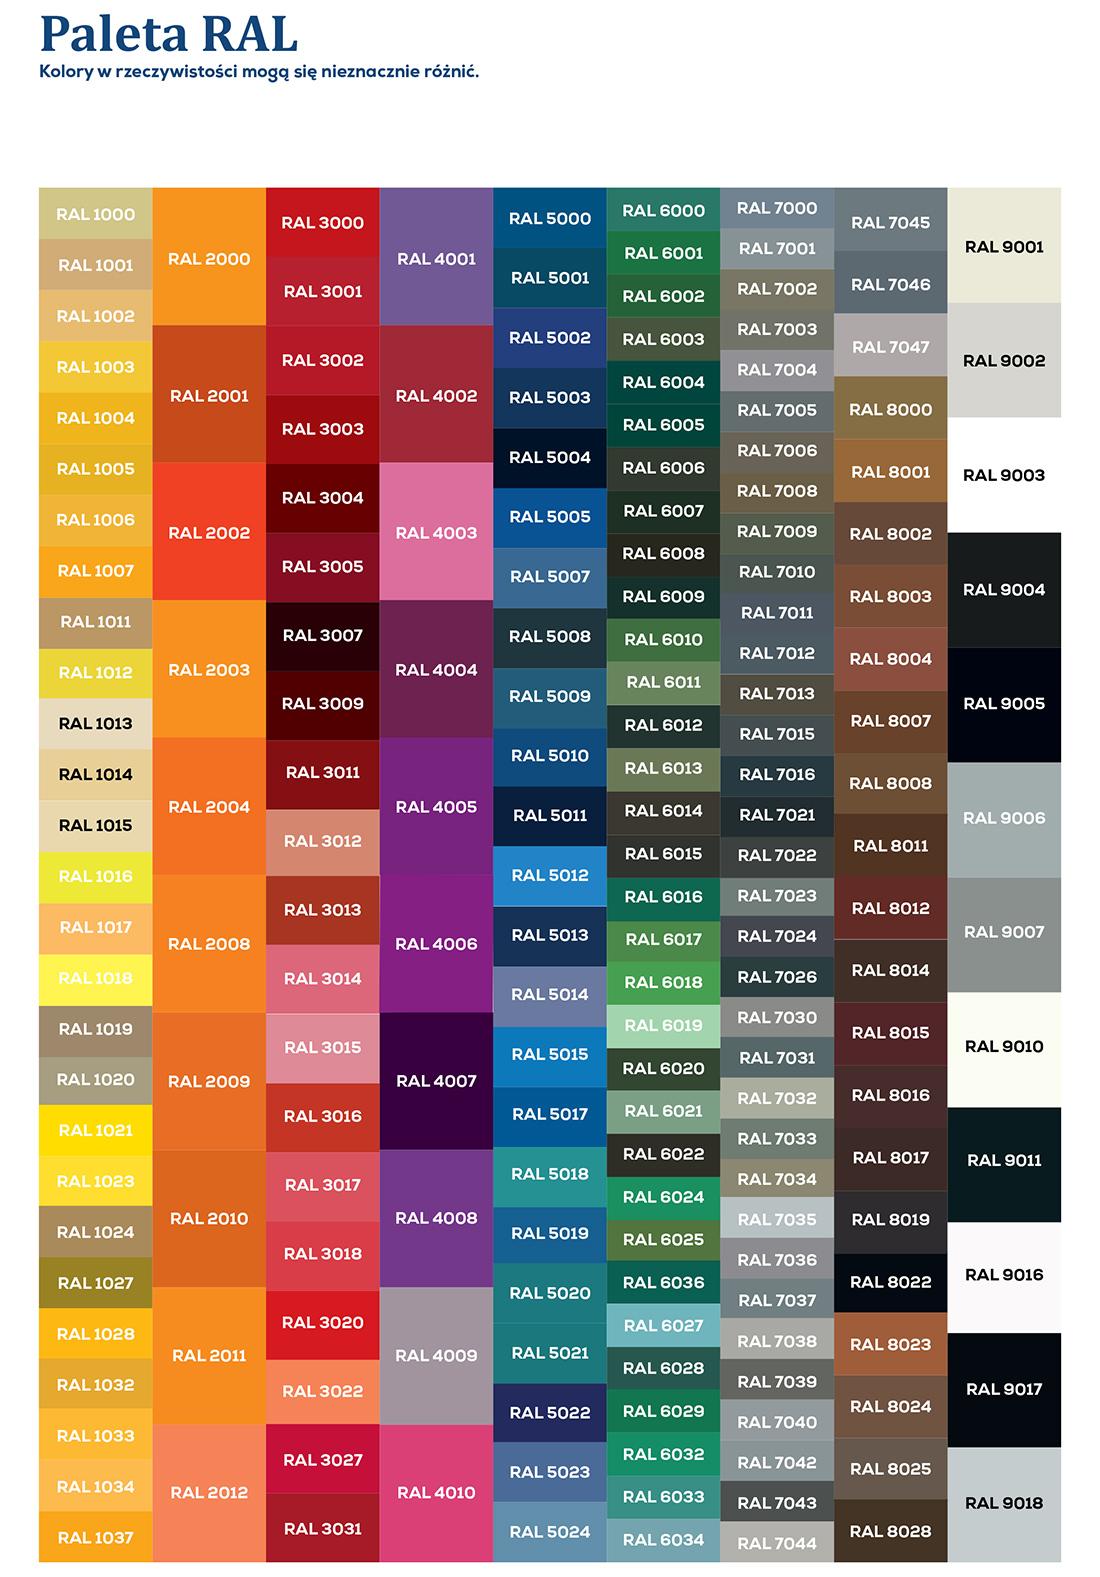 kolory biokominków